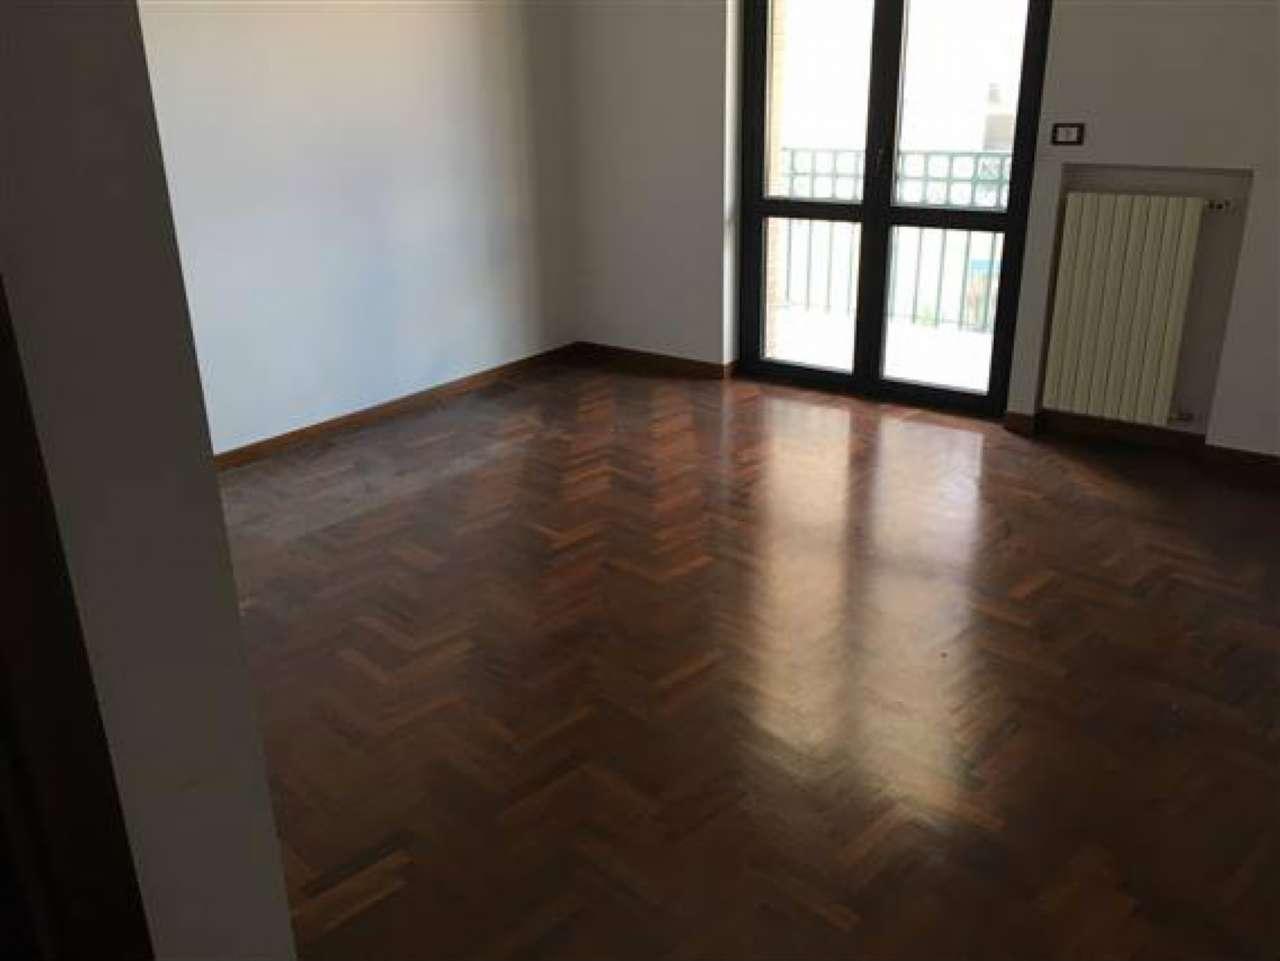 Appartamento in affitto a Campobasso, 5 locali, zona Località: ViaPiave, Trattative riservate   CambioCasa.it